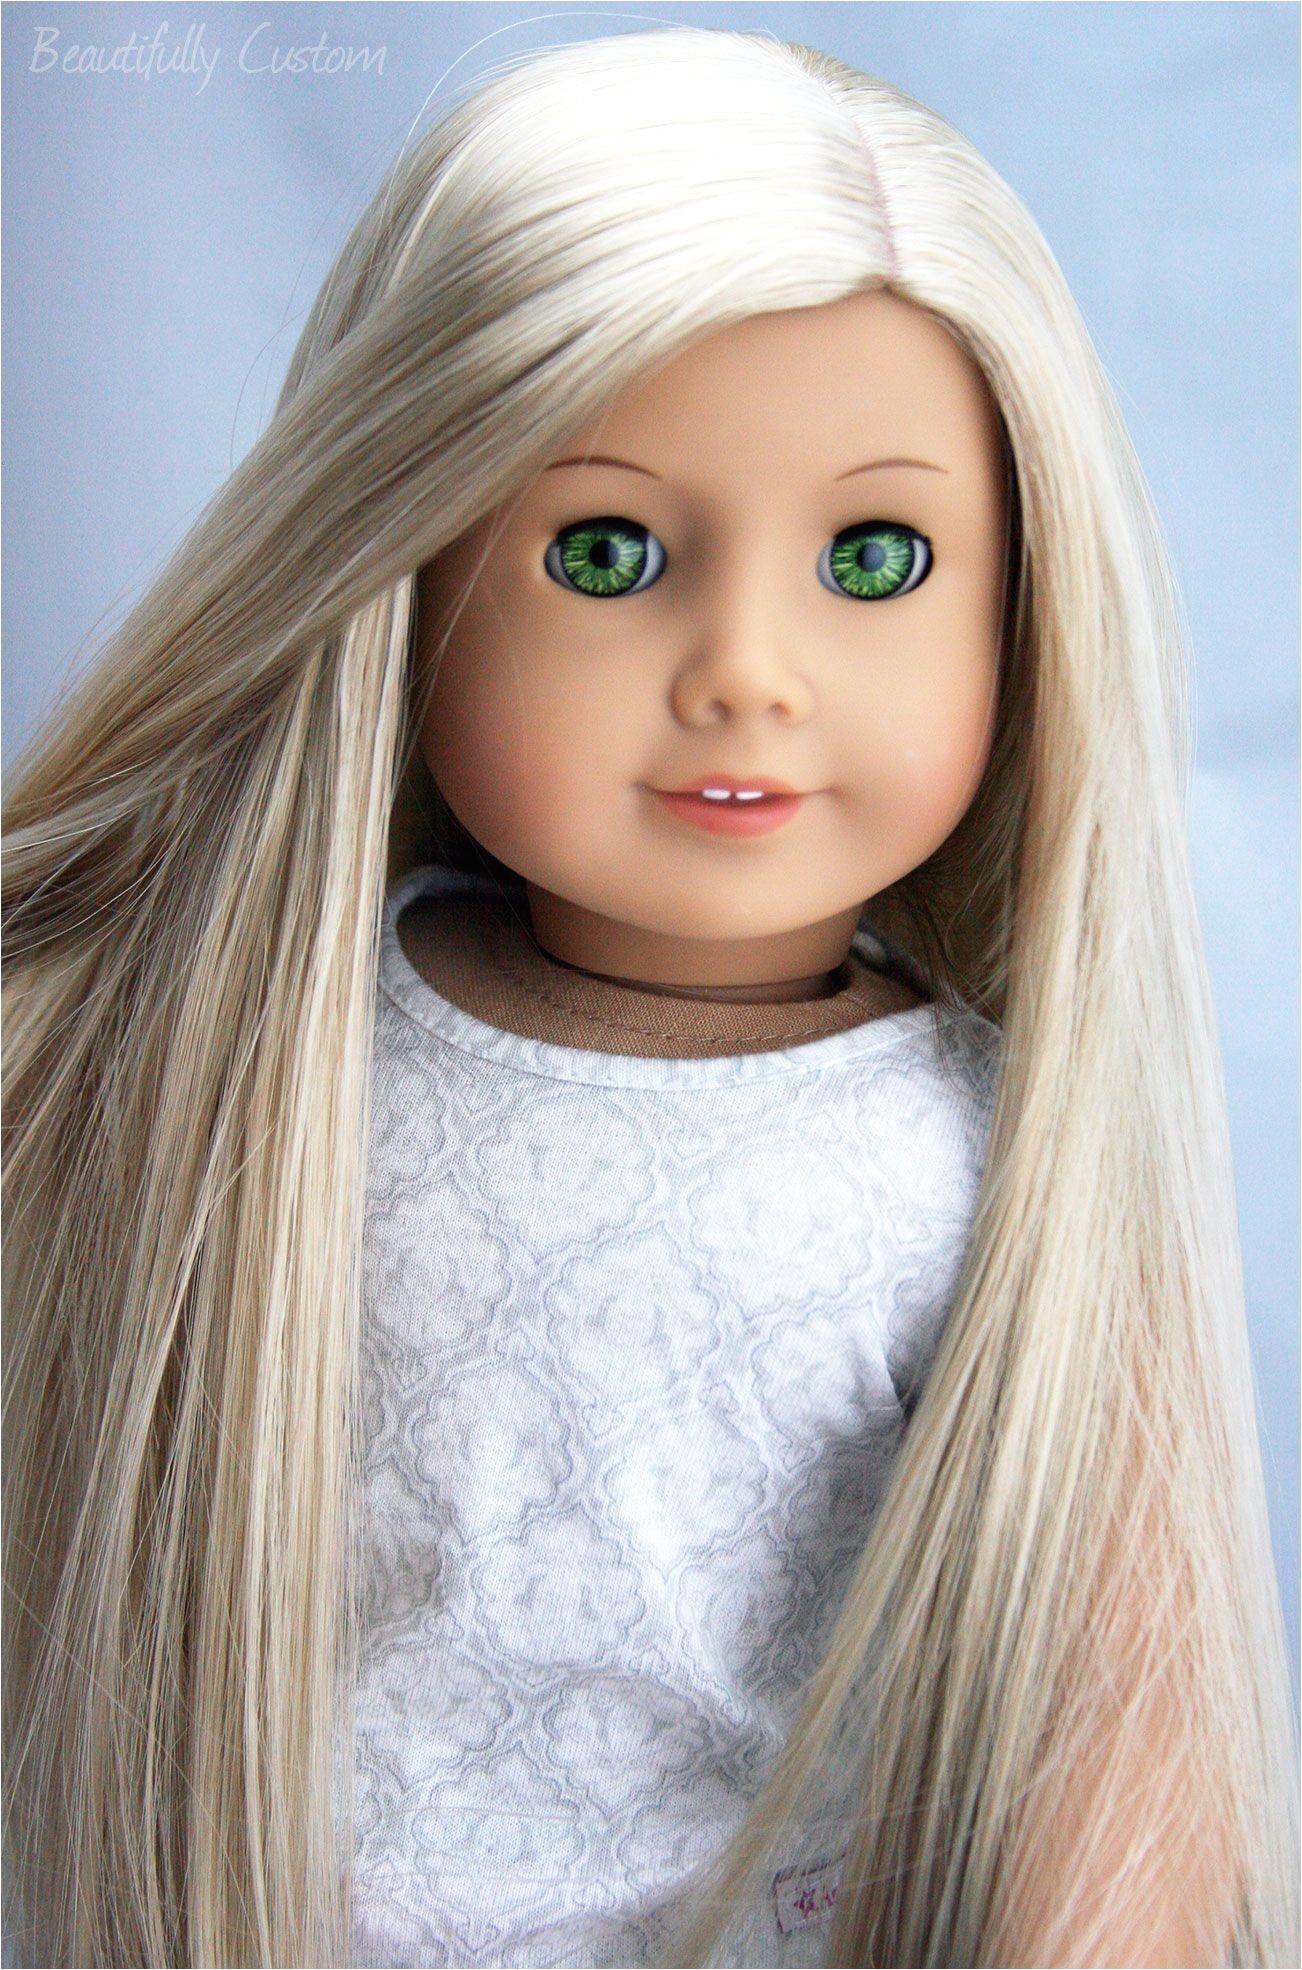 Custom Ooak American Girl Doll Felicity Green Eyes Julie Long Related to American Girl Doll Hairstyles